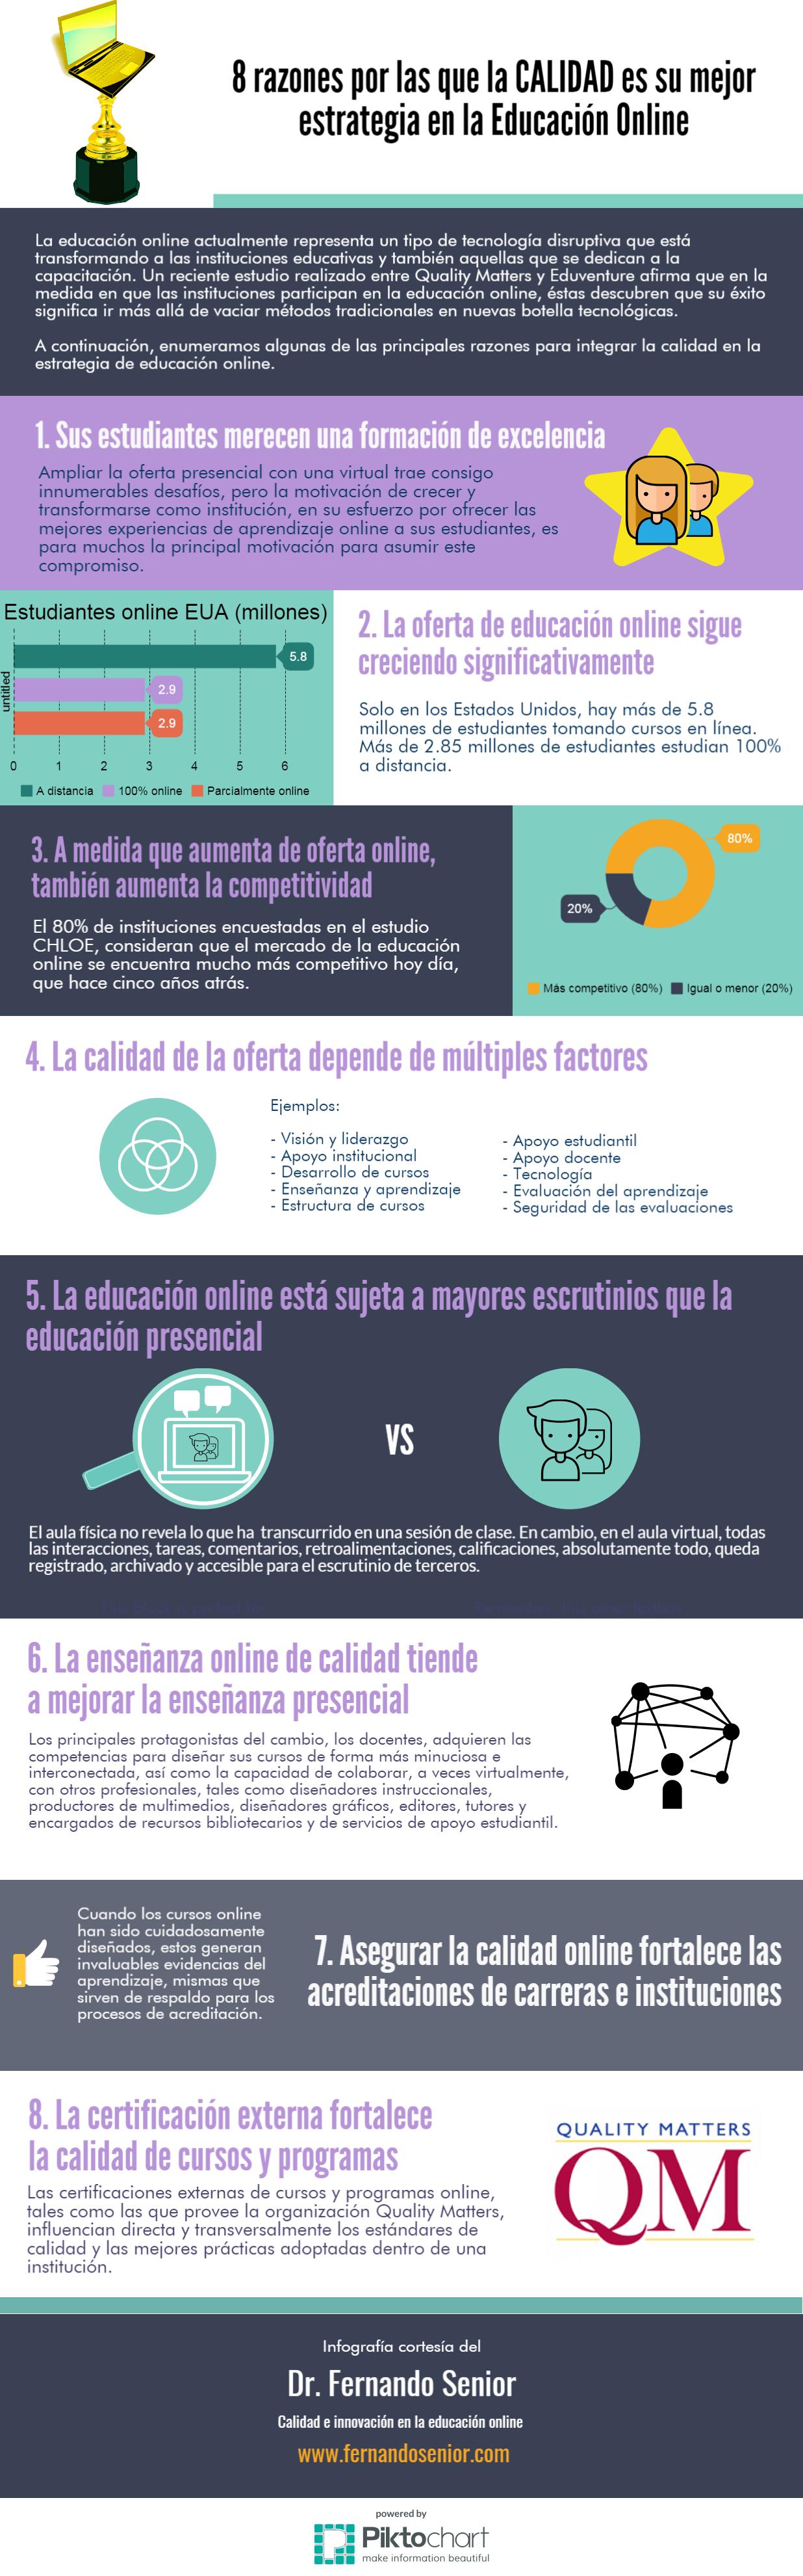 8 razones calidad educación online Fernando Senior